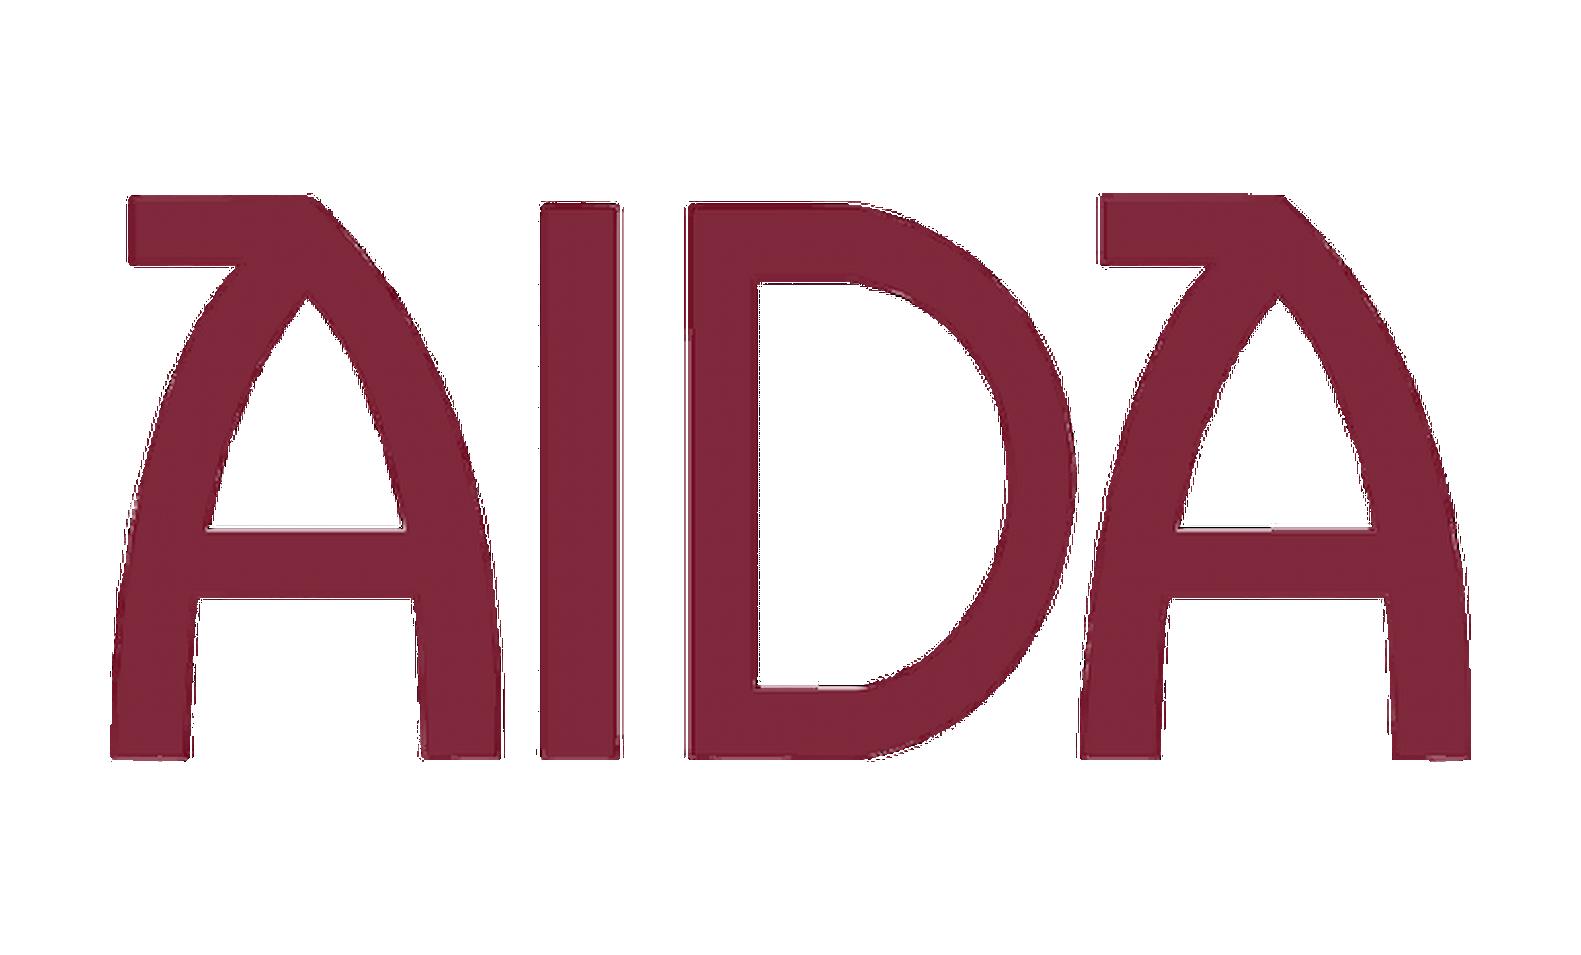 Aida Mode – Ihr erster Ansprechpartner für Damenmode, Accessoires und mehr in und um Köln